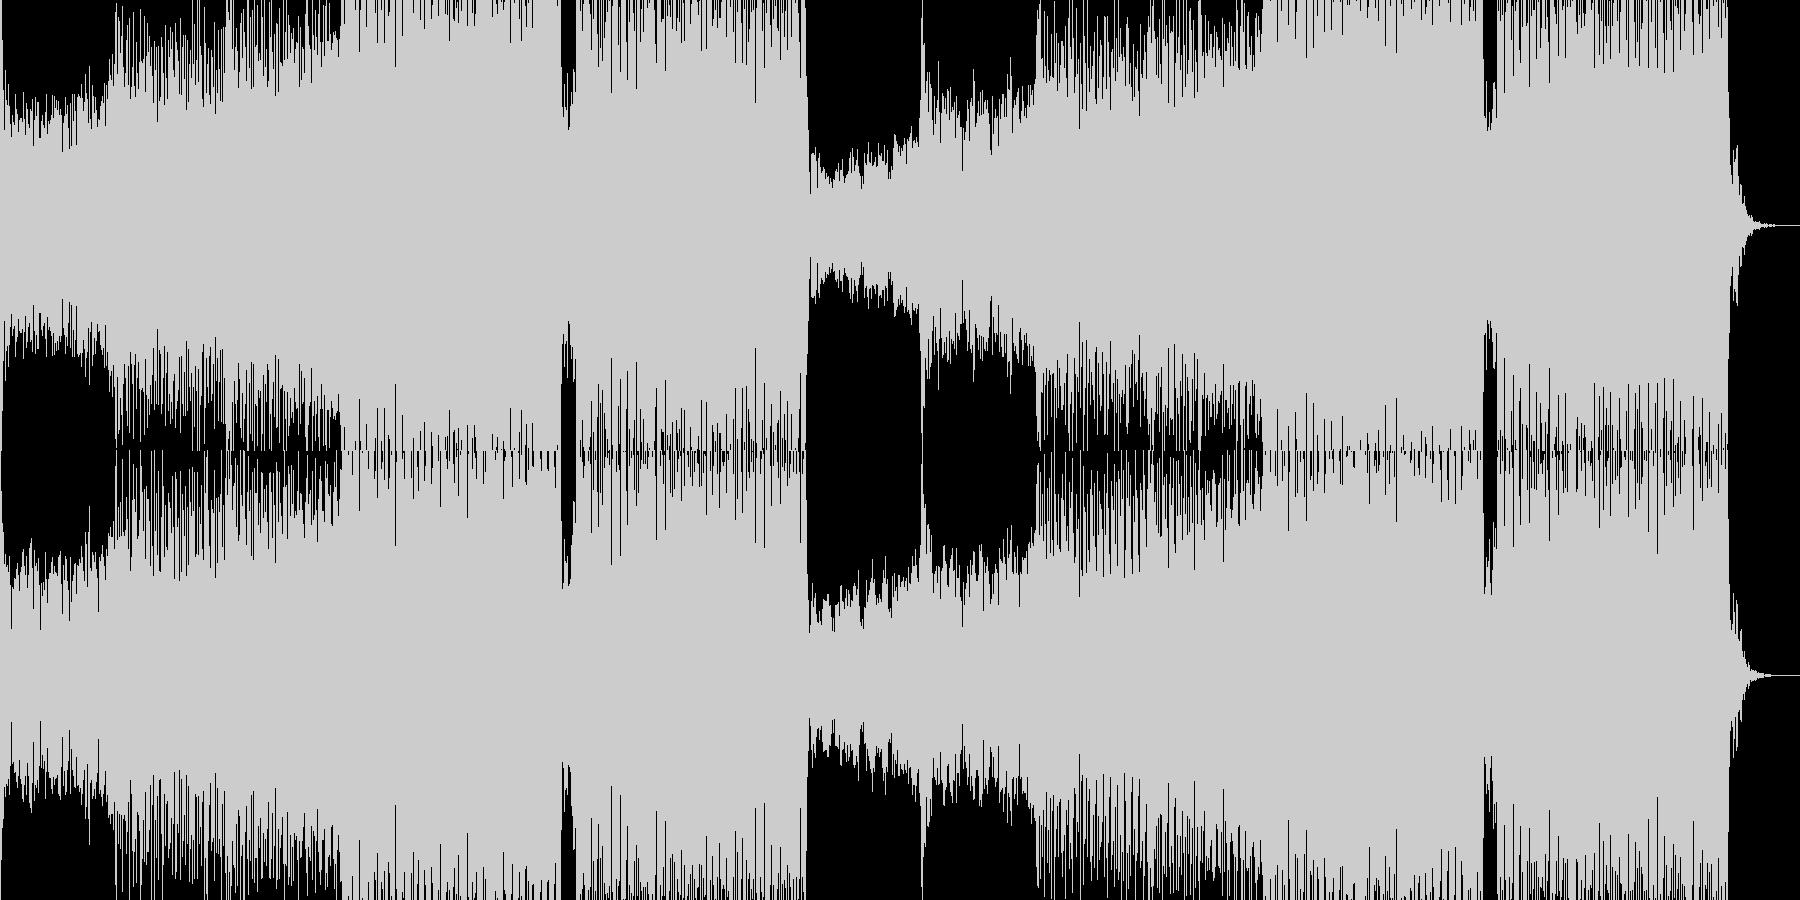 ファンキーなEDMダンストラックの未再生の波形